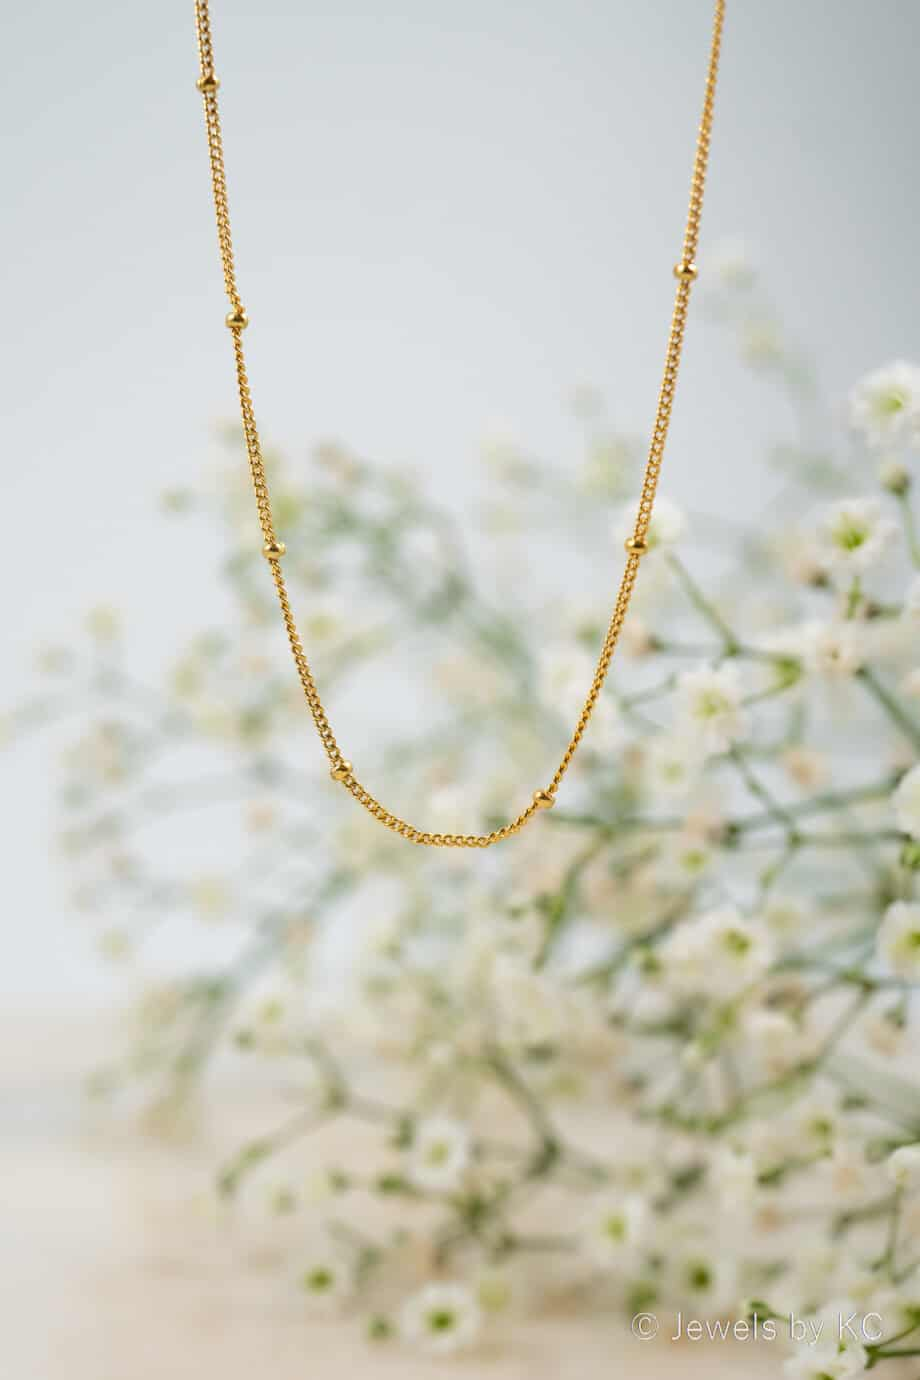 Minimalistische-Gouden-Small-Satellite-ketting-gouden-bolletjes-van-Goud-op-Zilver